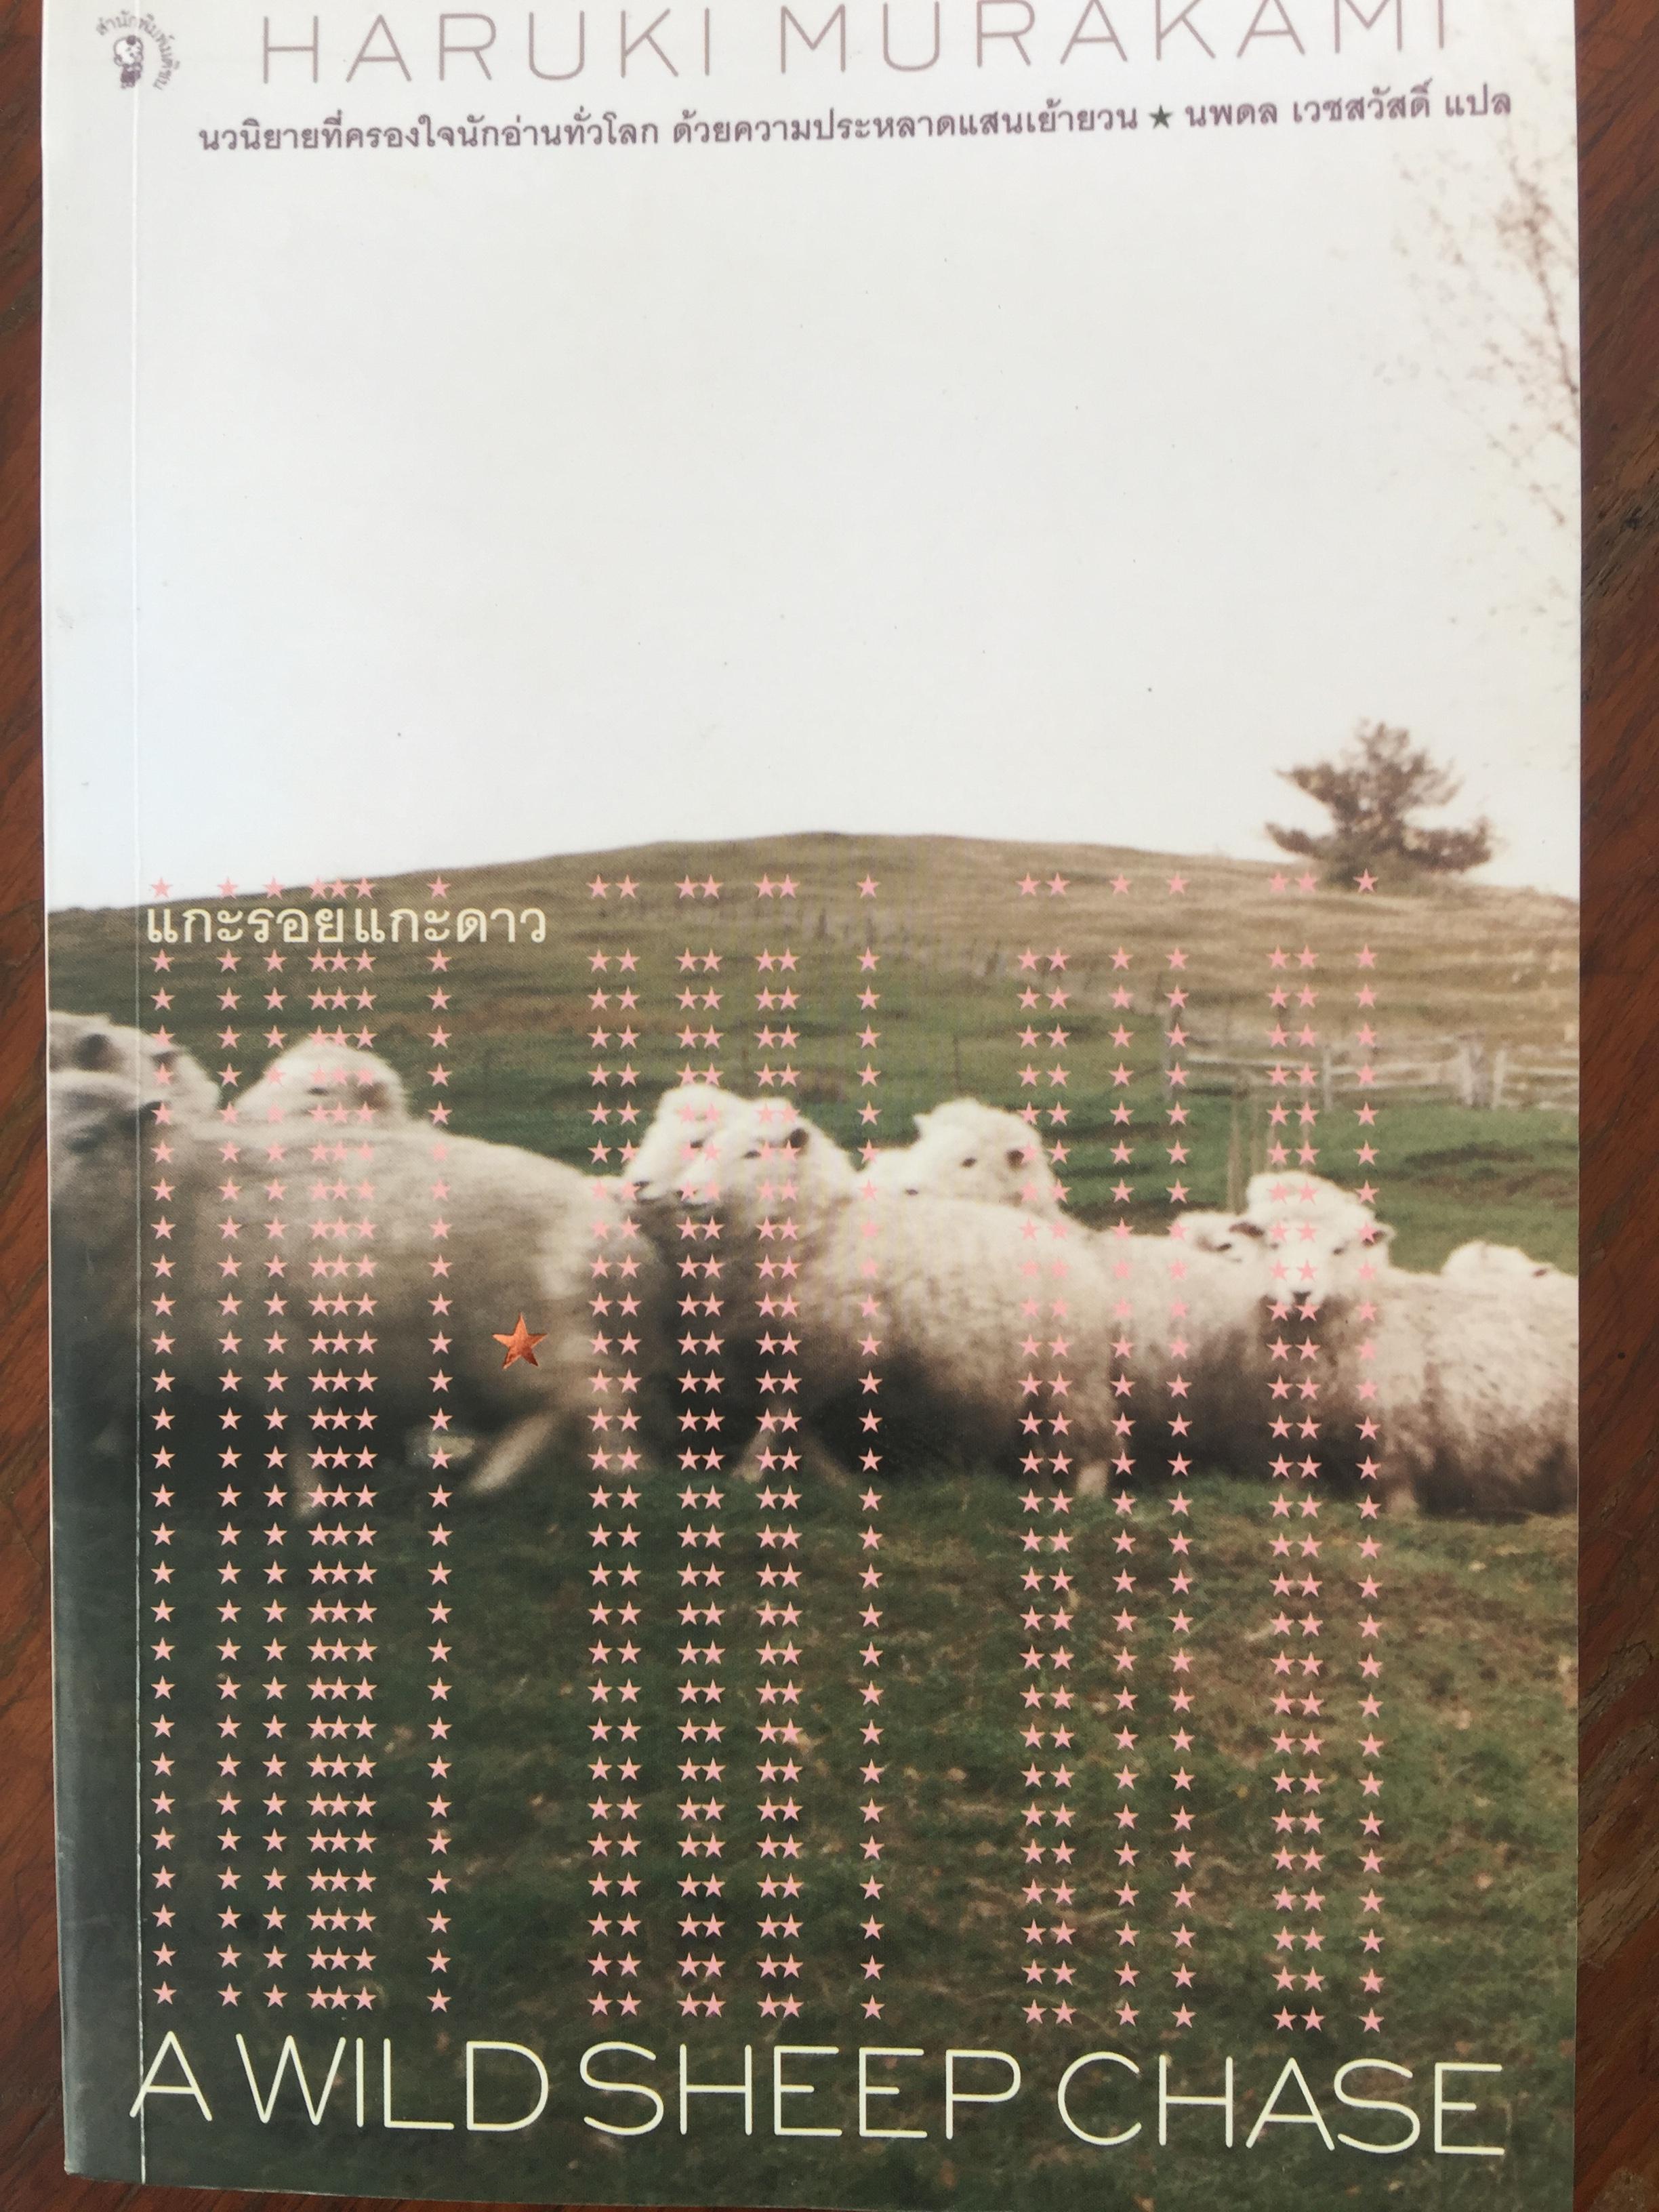 แกะรอยแกะดาว A Wild Sheep Chase.นวนิยายที่ครองใจนักอ่านทั่วโลก ด้วยความประหลาดแสนเย้ายวนผู้เขียน Haruki Murakami